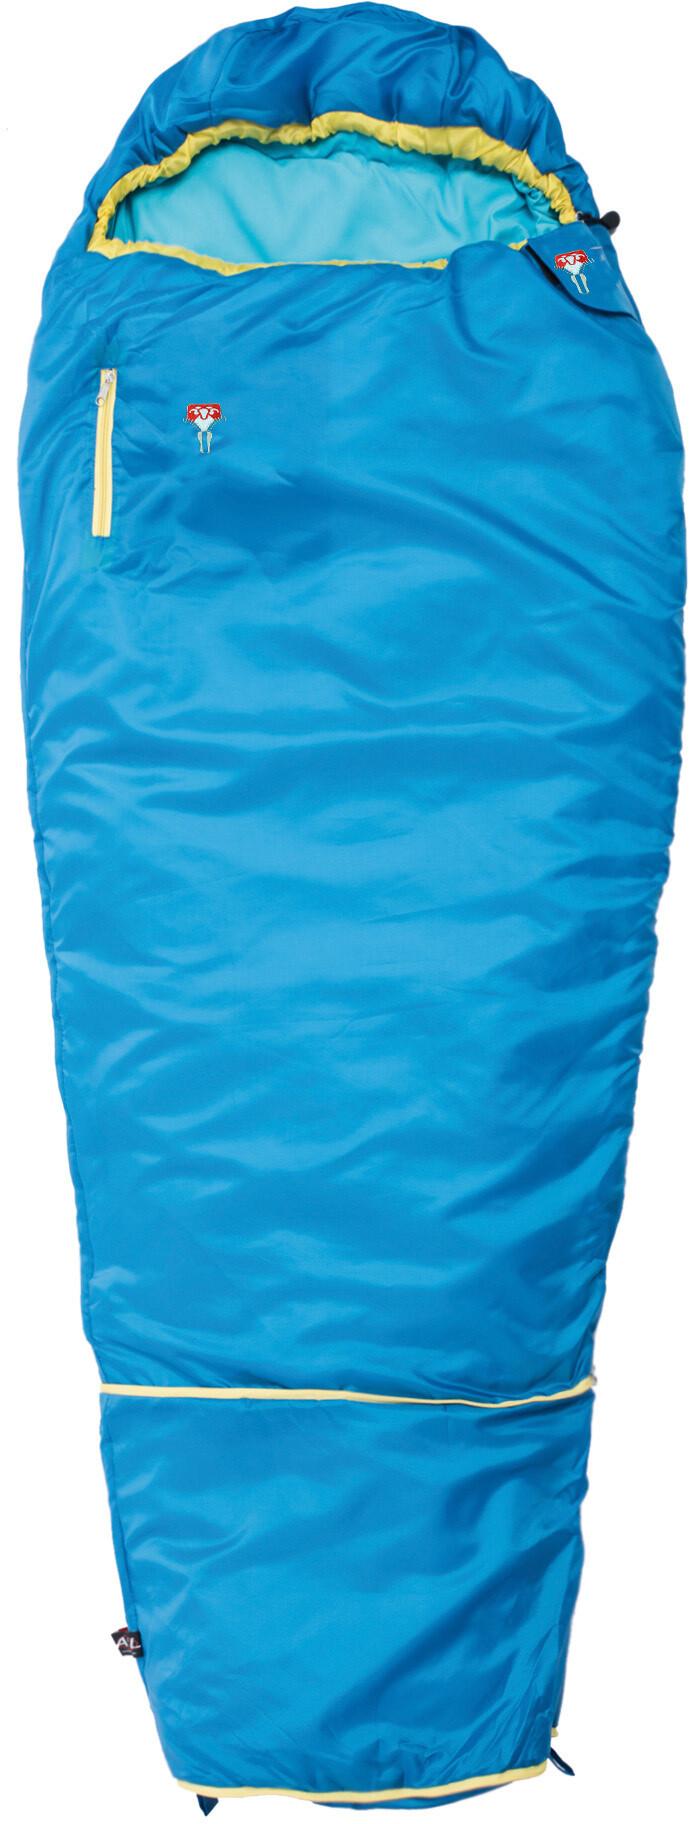 Grüezi-Bag Grow Colorful Sovepose Børn, water | Transport og opbevaring > Tilbehør